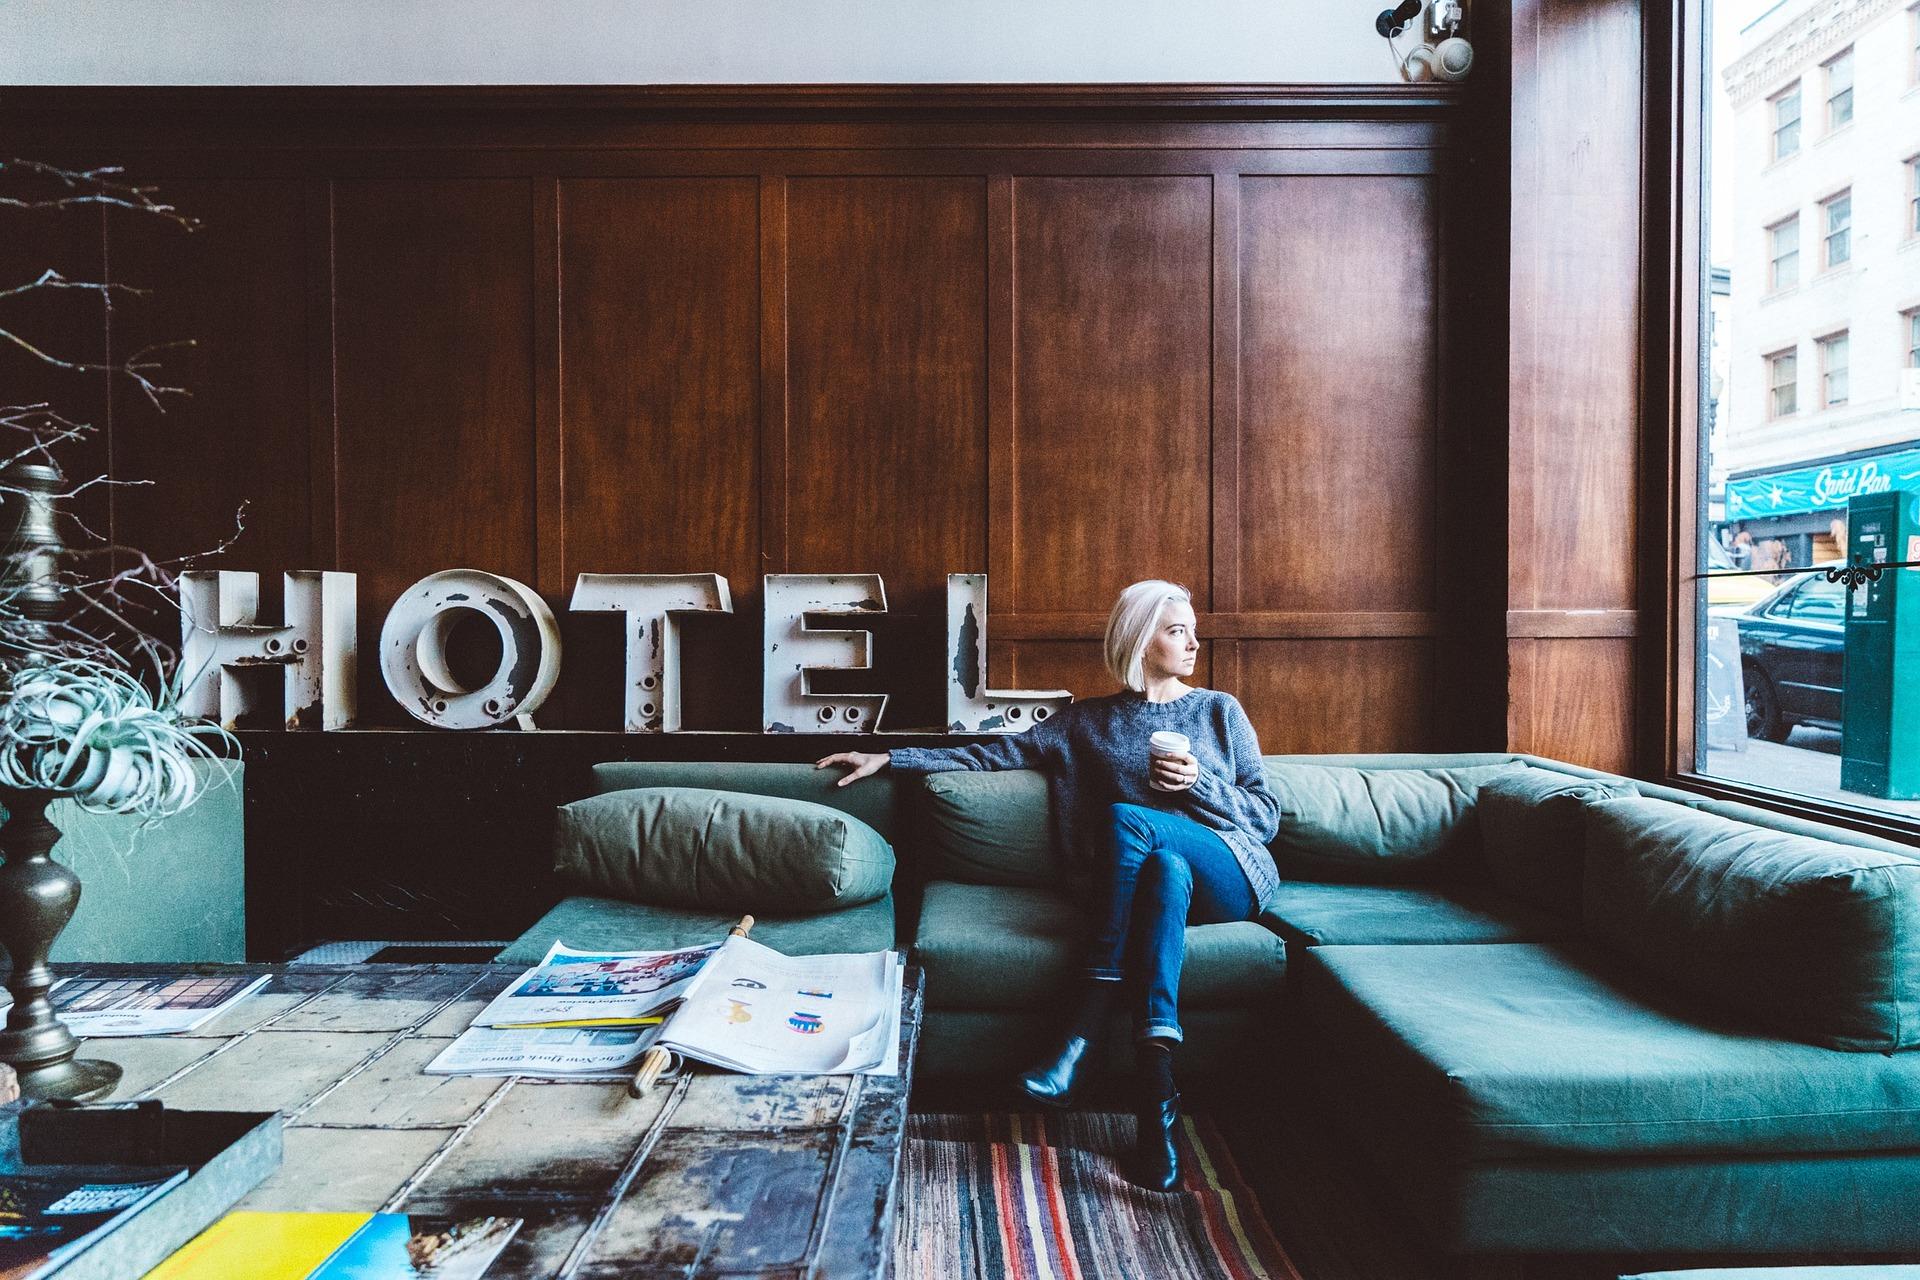 Méthode hôtelière actualisée : confirmation en appel